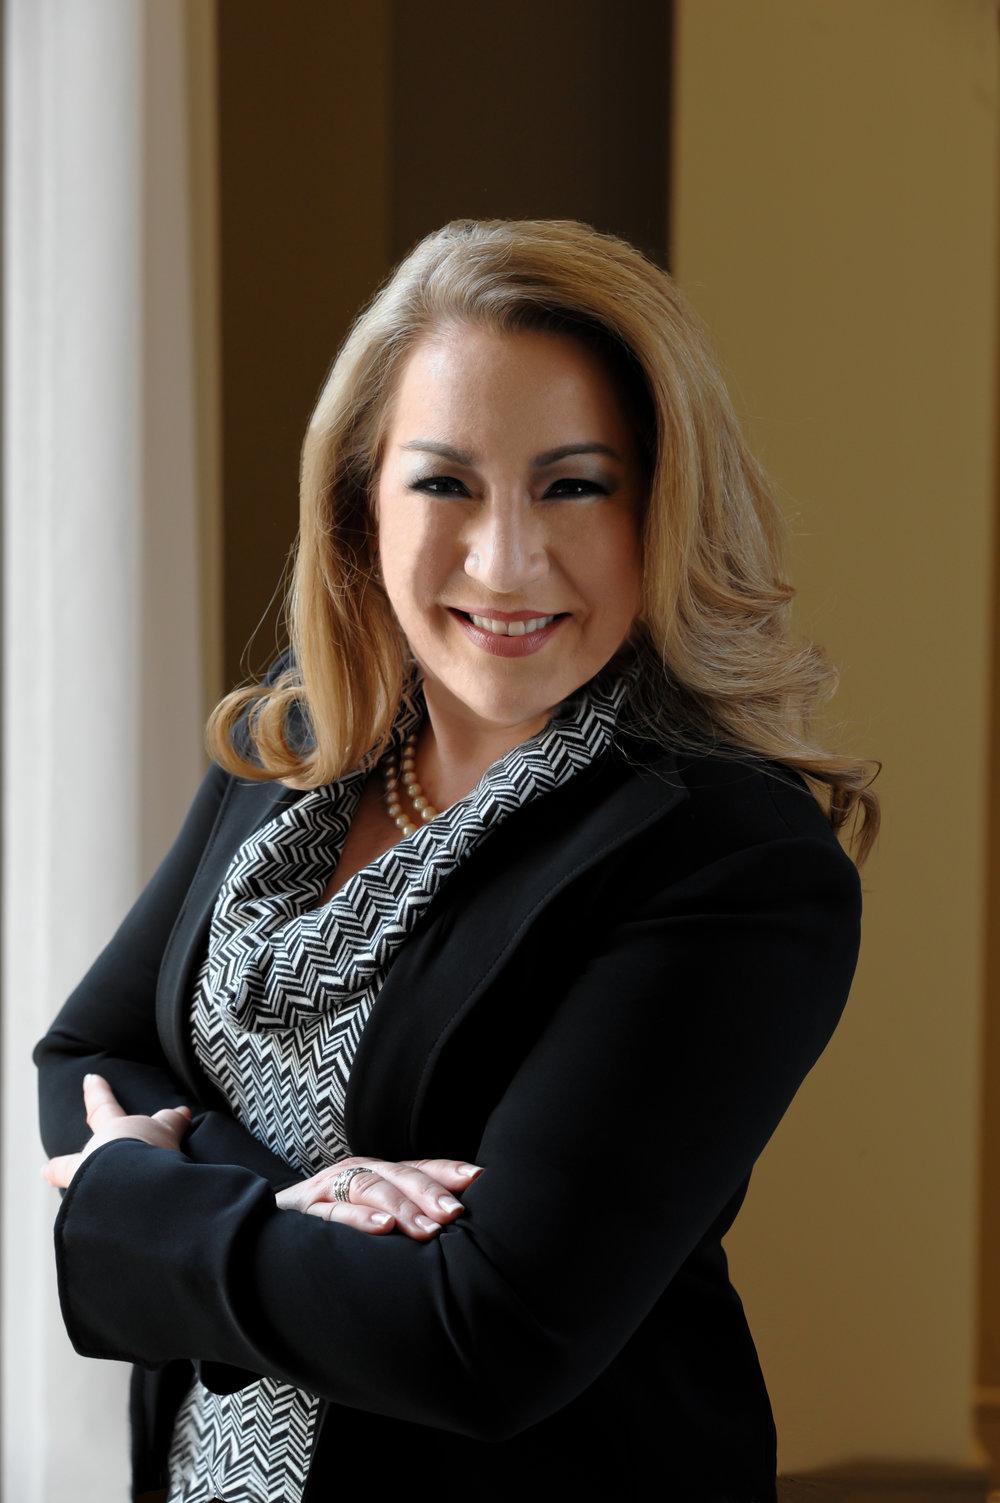 Soledad Tanner of Soledad Tanner Consulting